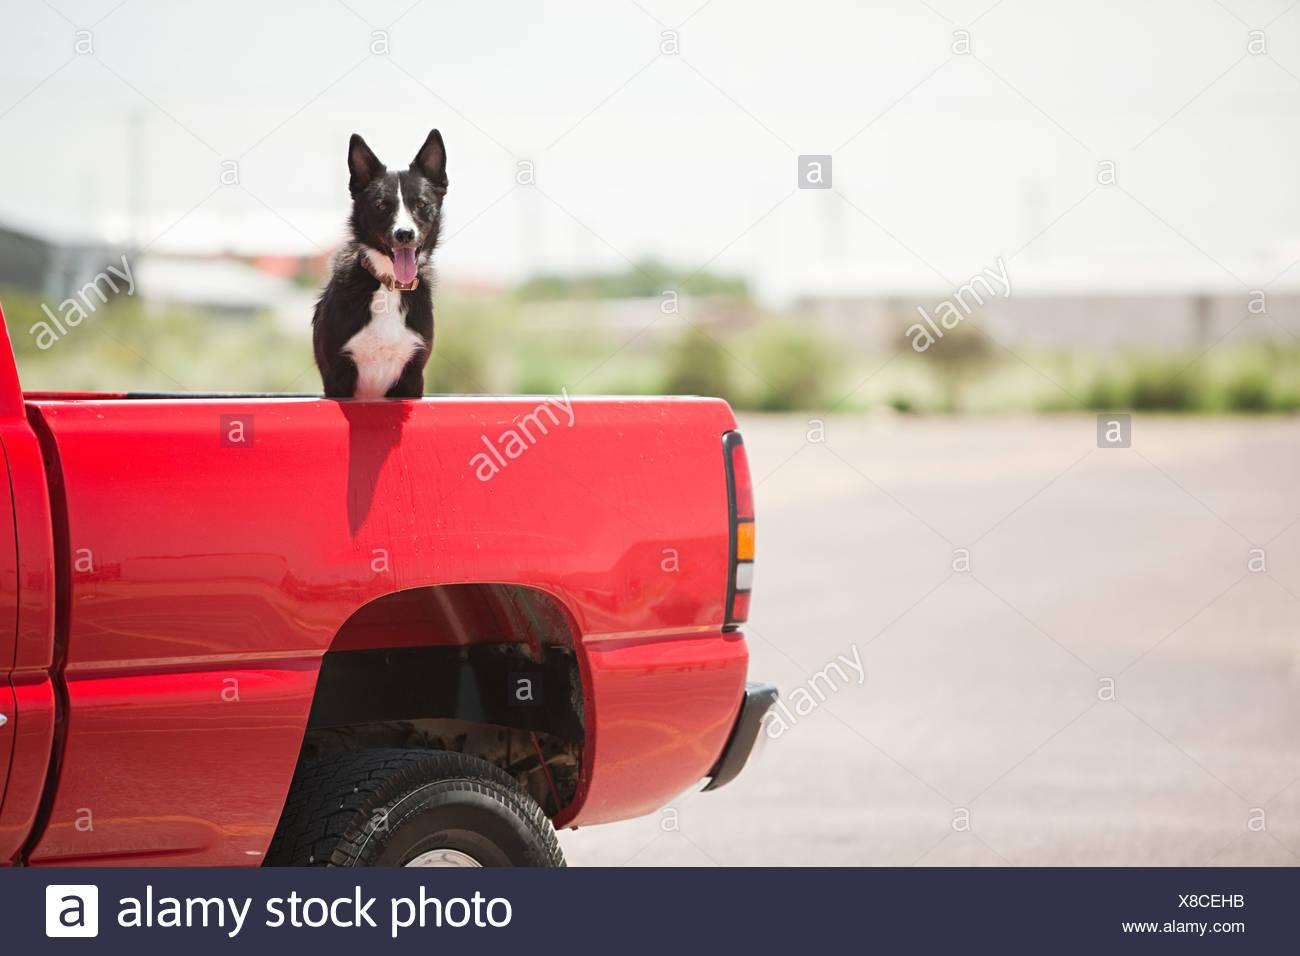 Cane in rosso carrello Immagini Stock